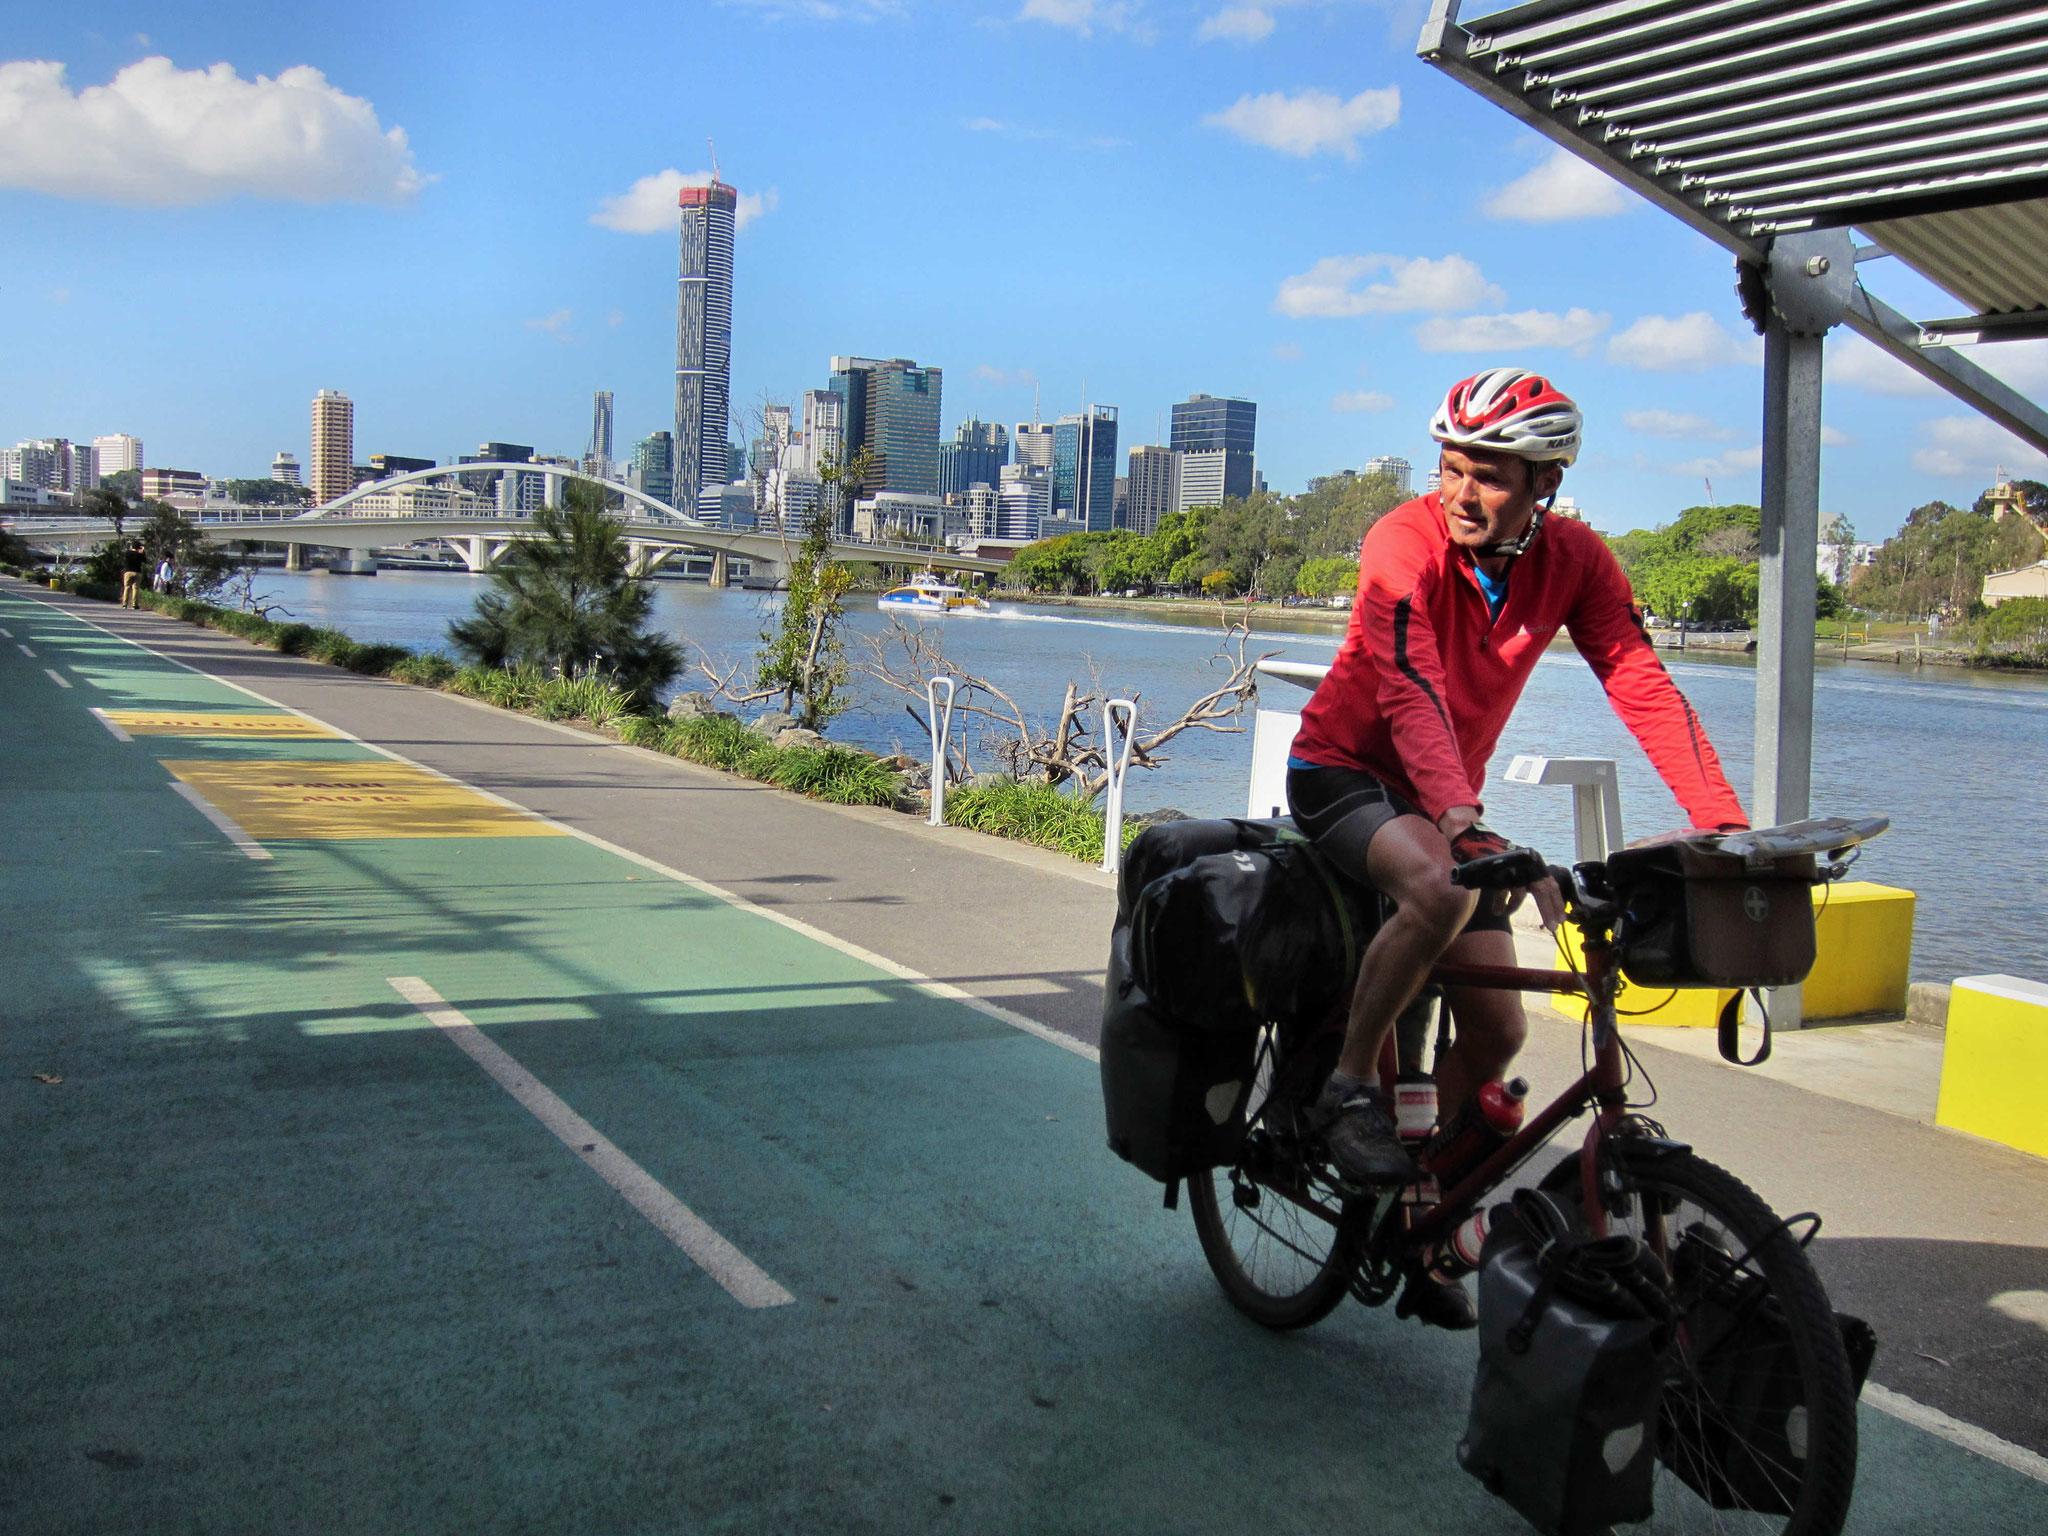 Auf dem Radweg in Brisbane